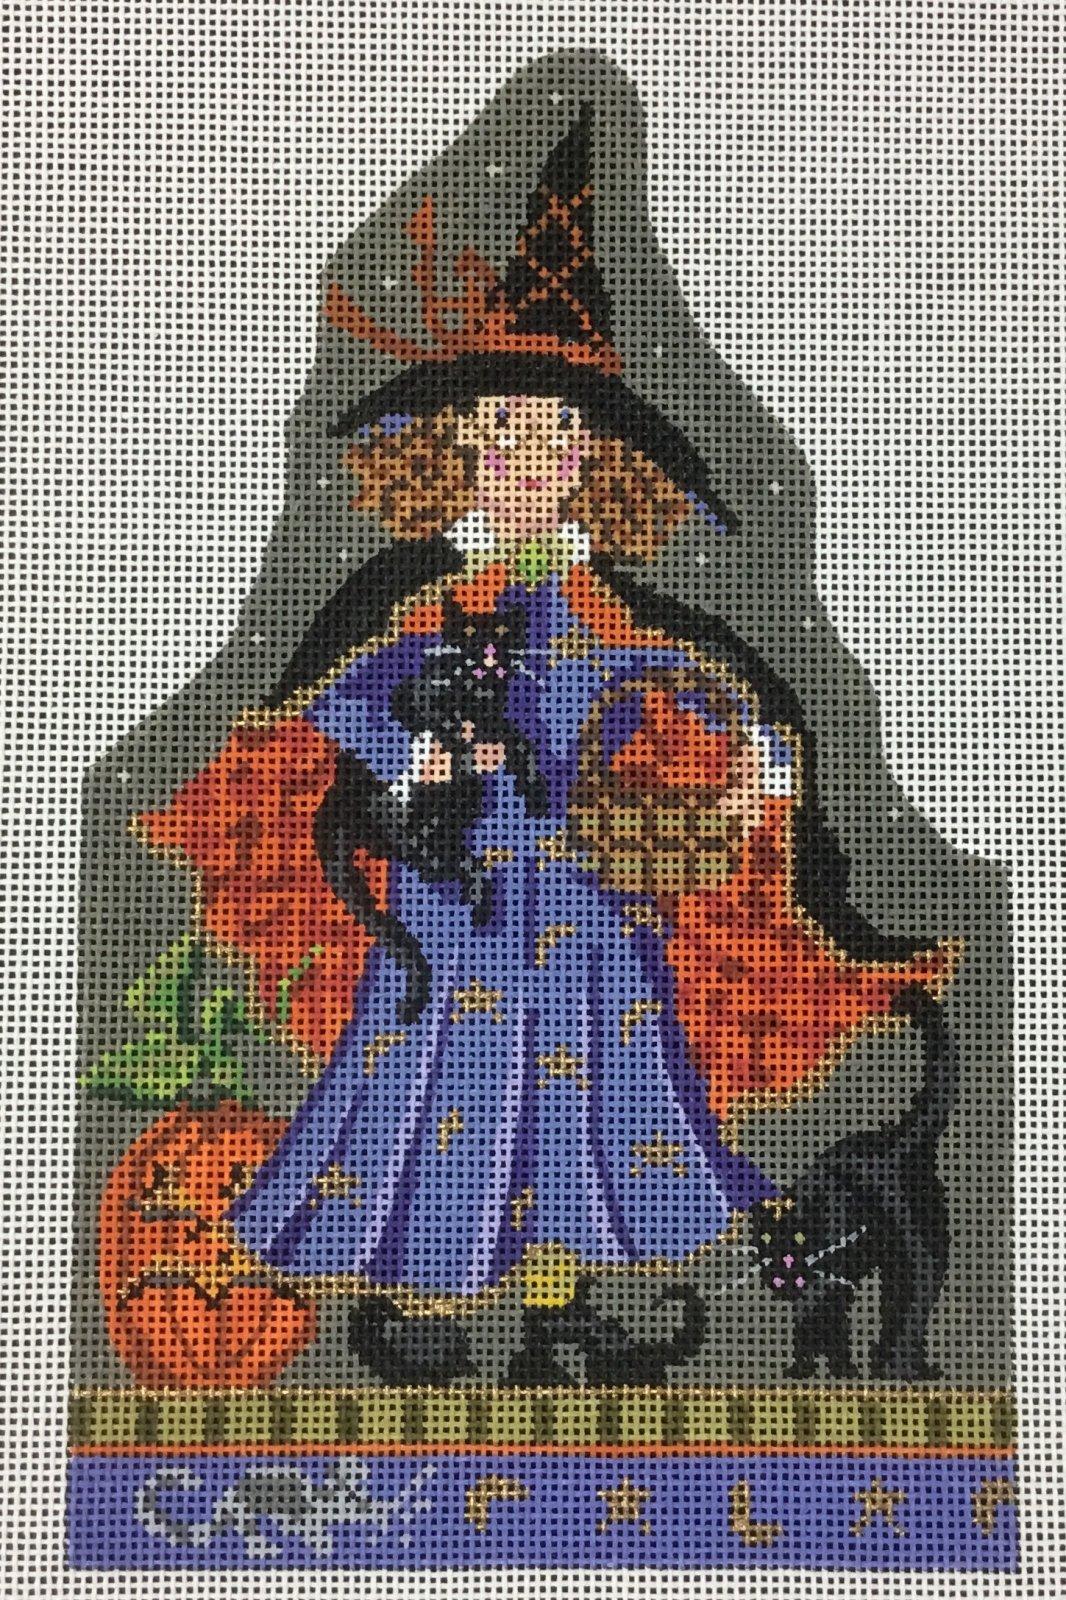 Katt Z. Witch,18 ct.4 3/4x7 3/4